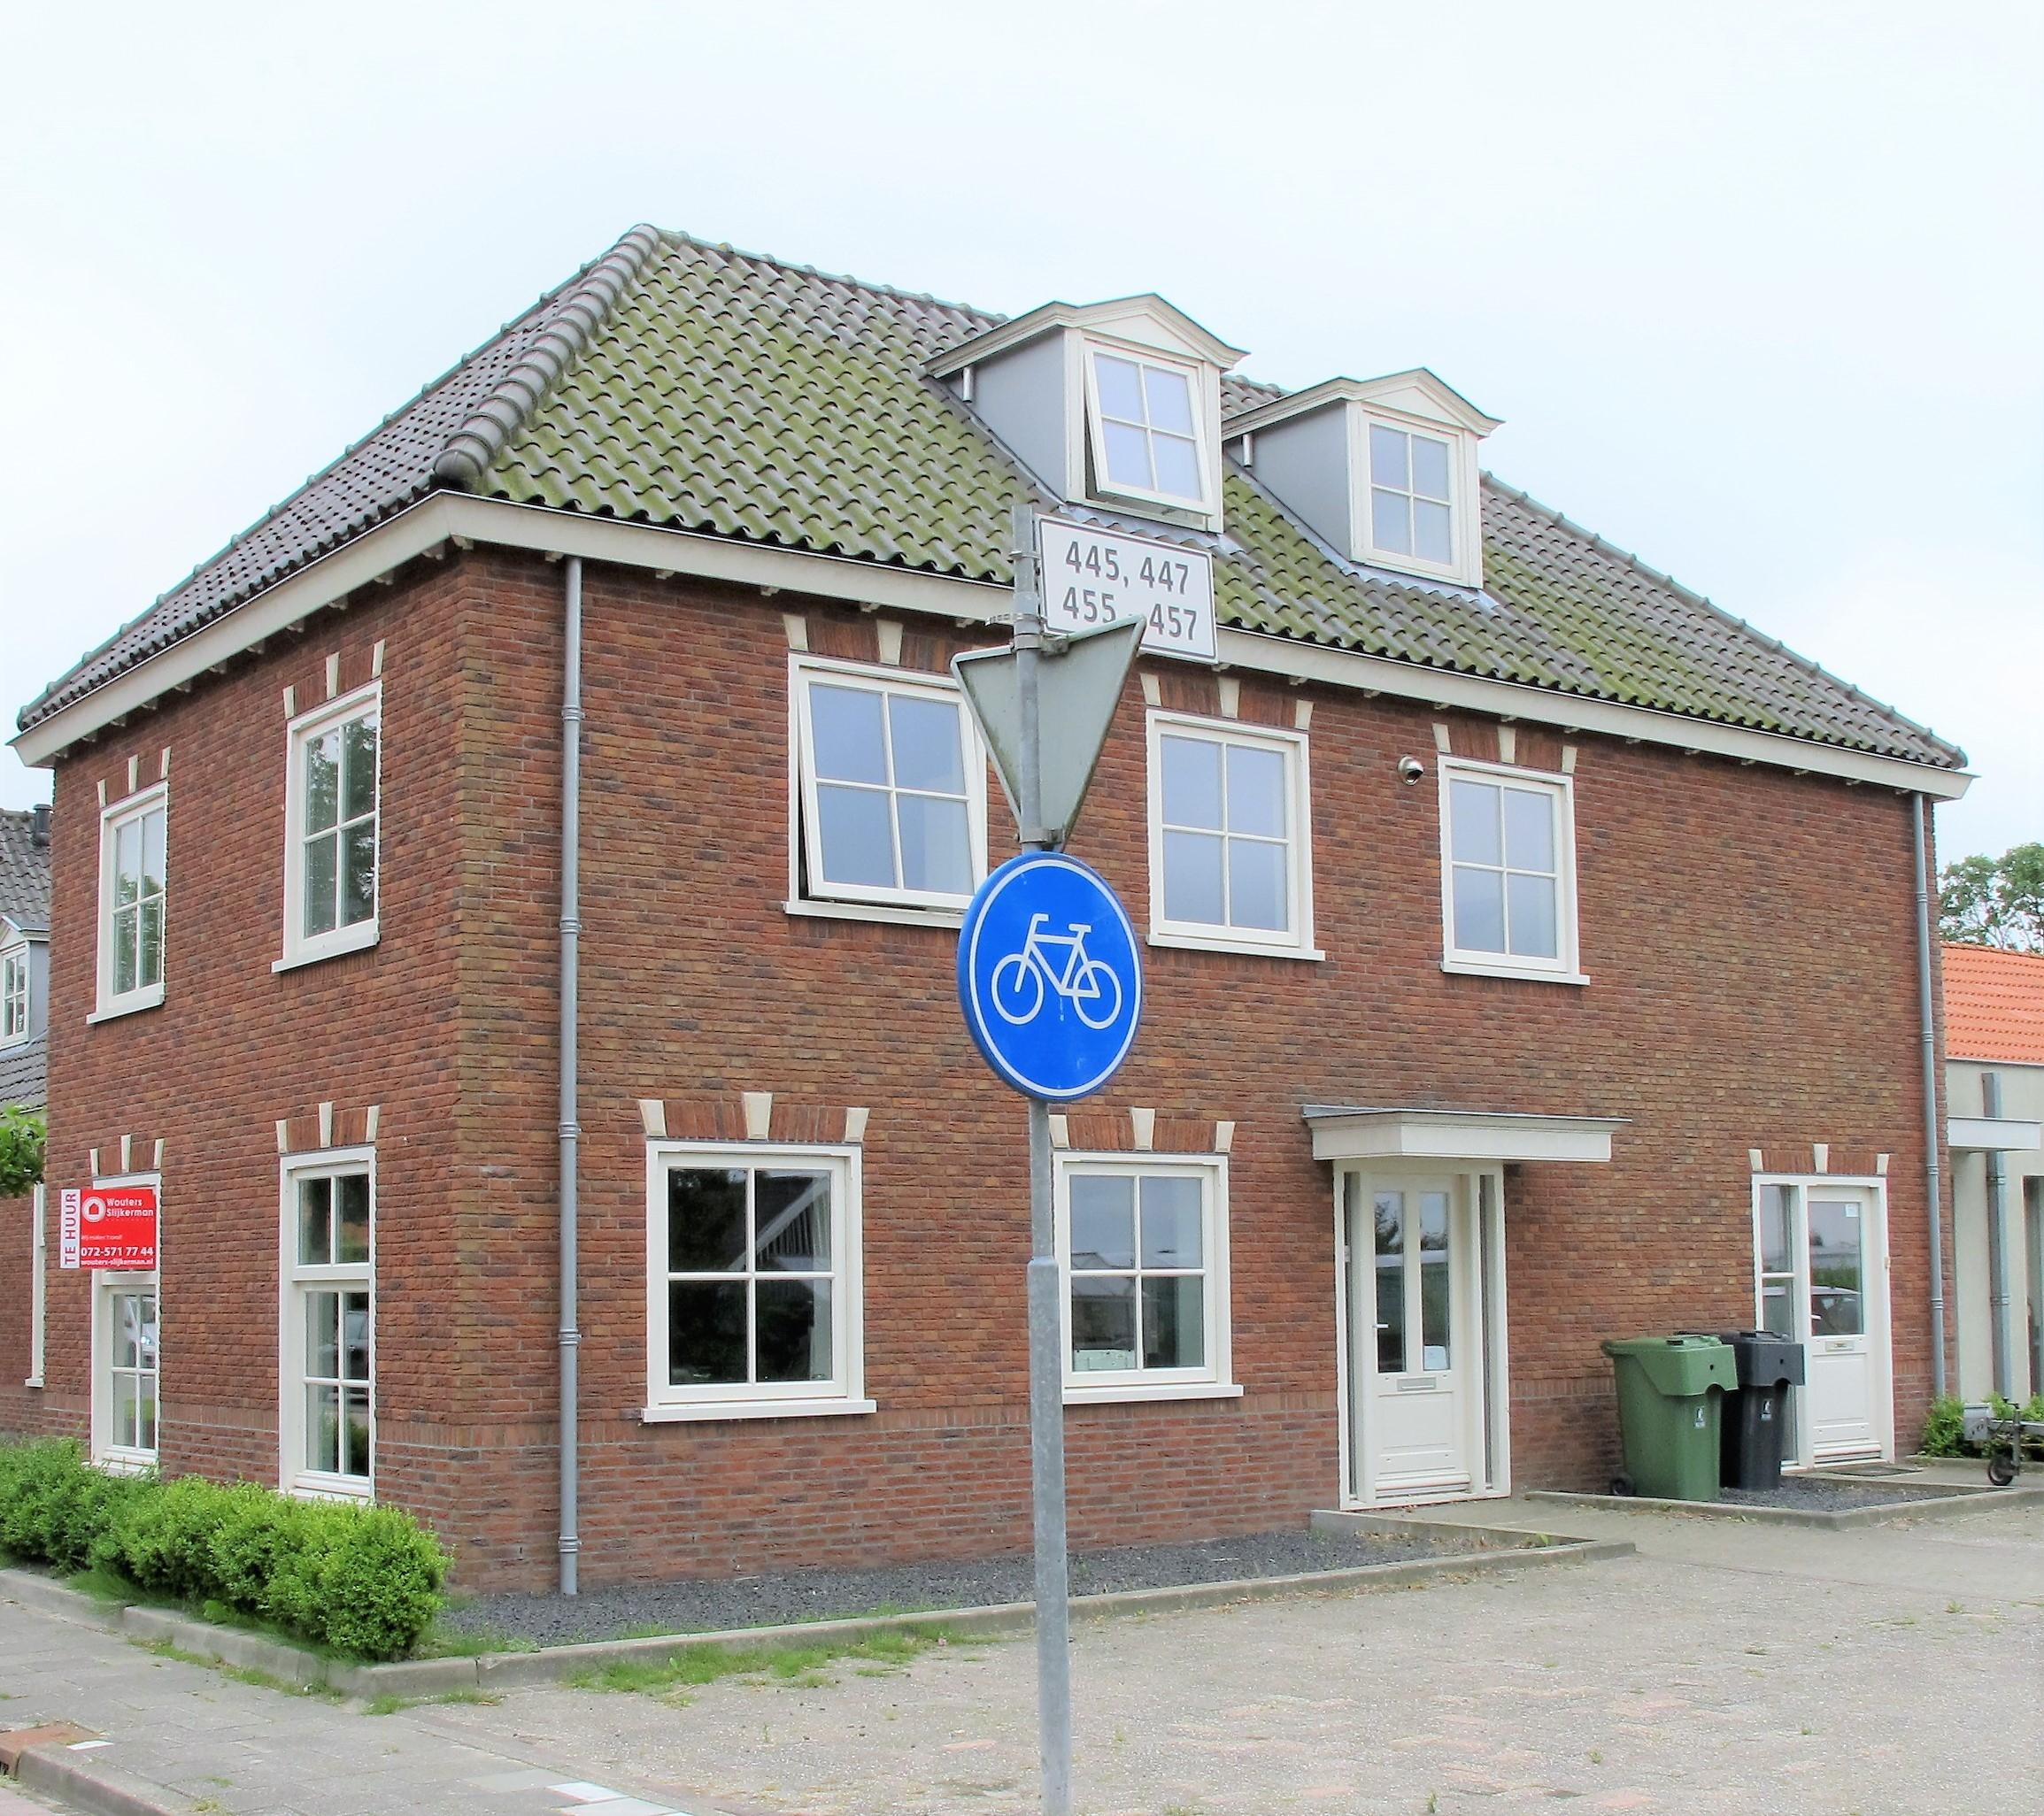 Middenweg 453